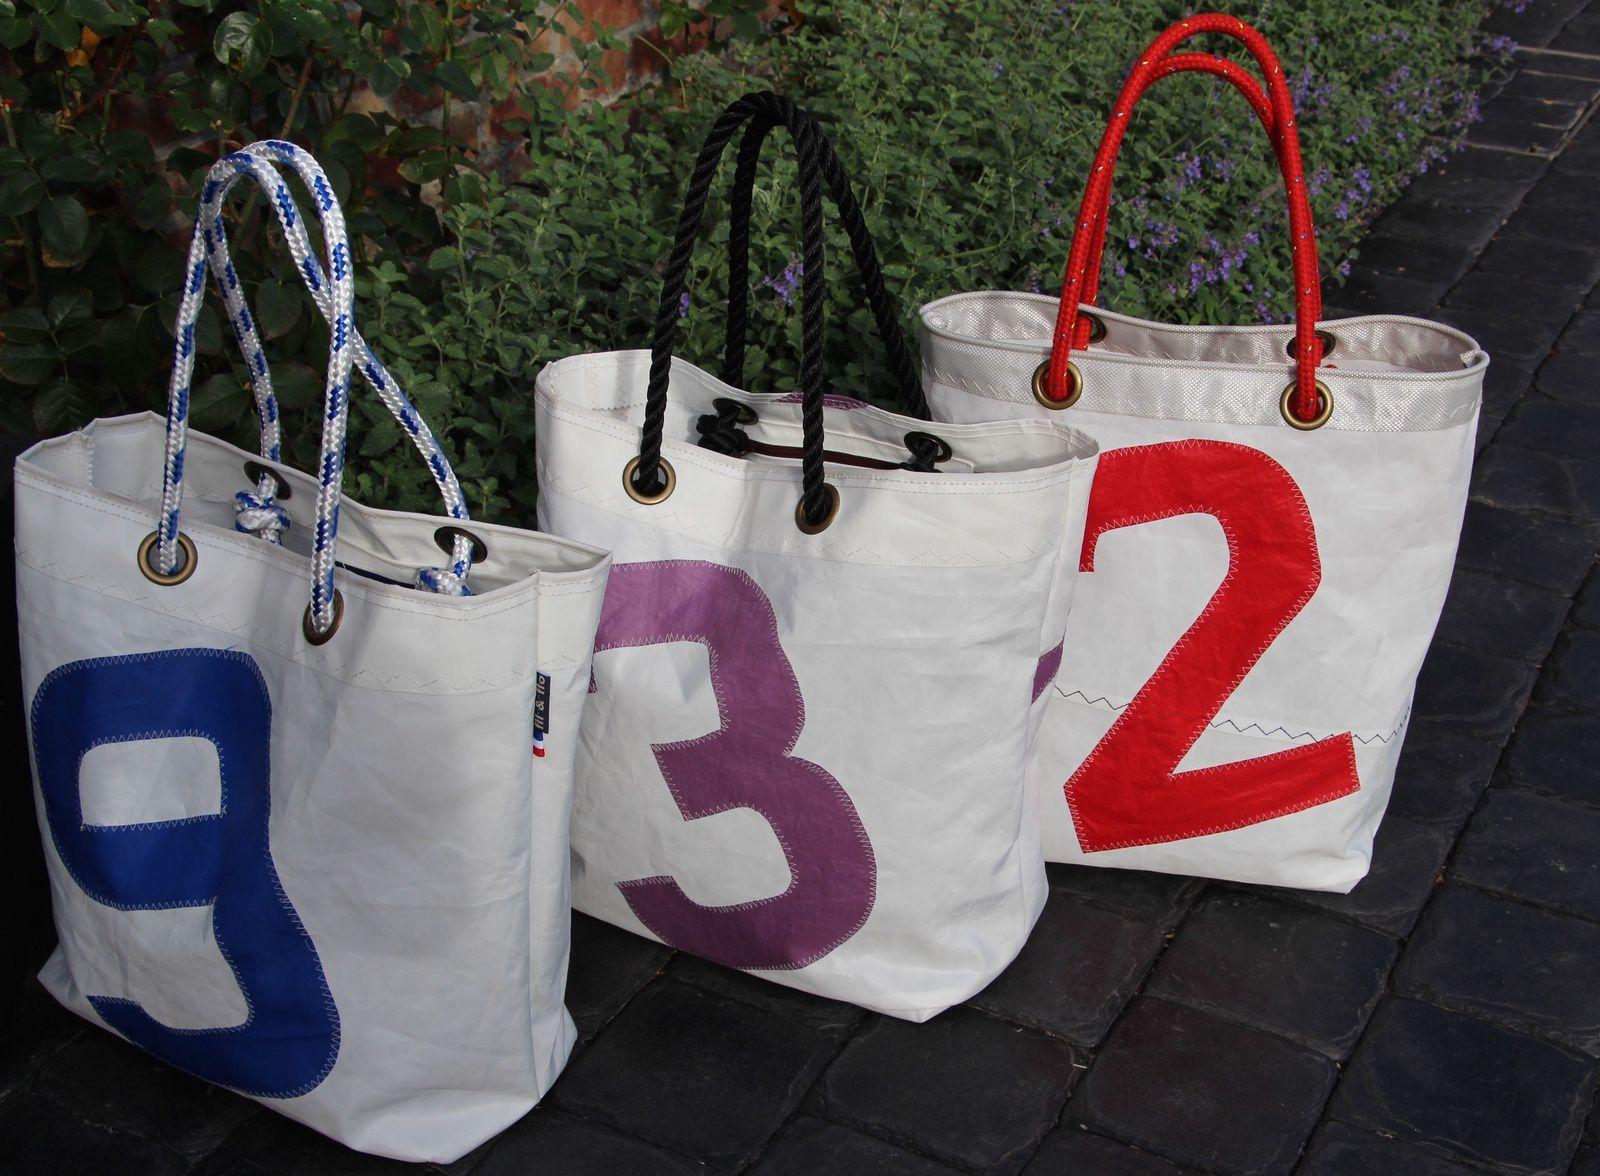 sacs et accessoires en voile de bateau fil flo. Black Bedroom Furniture Sets. Home Design Ideas